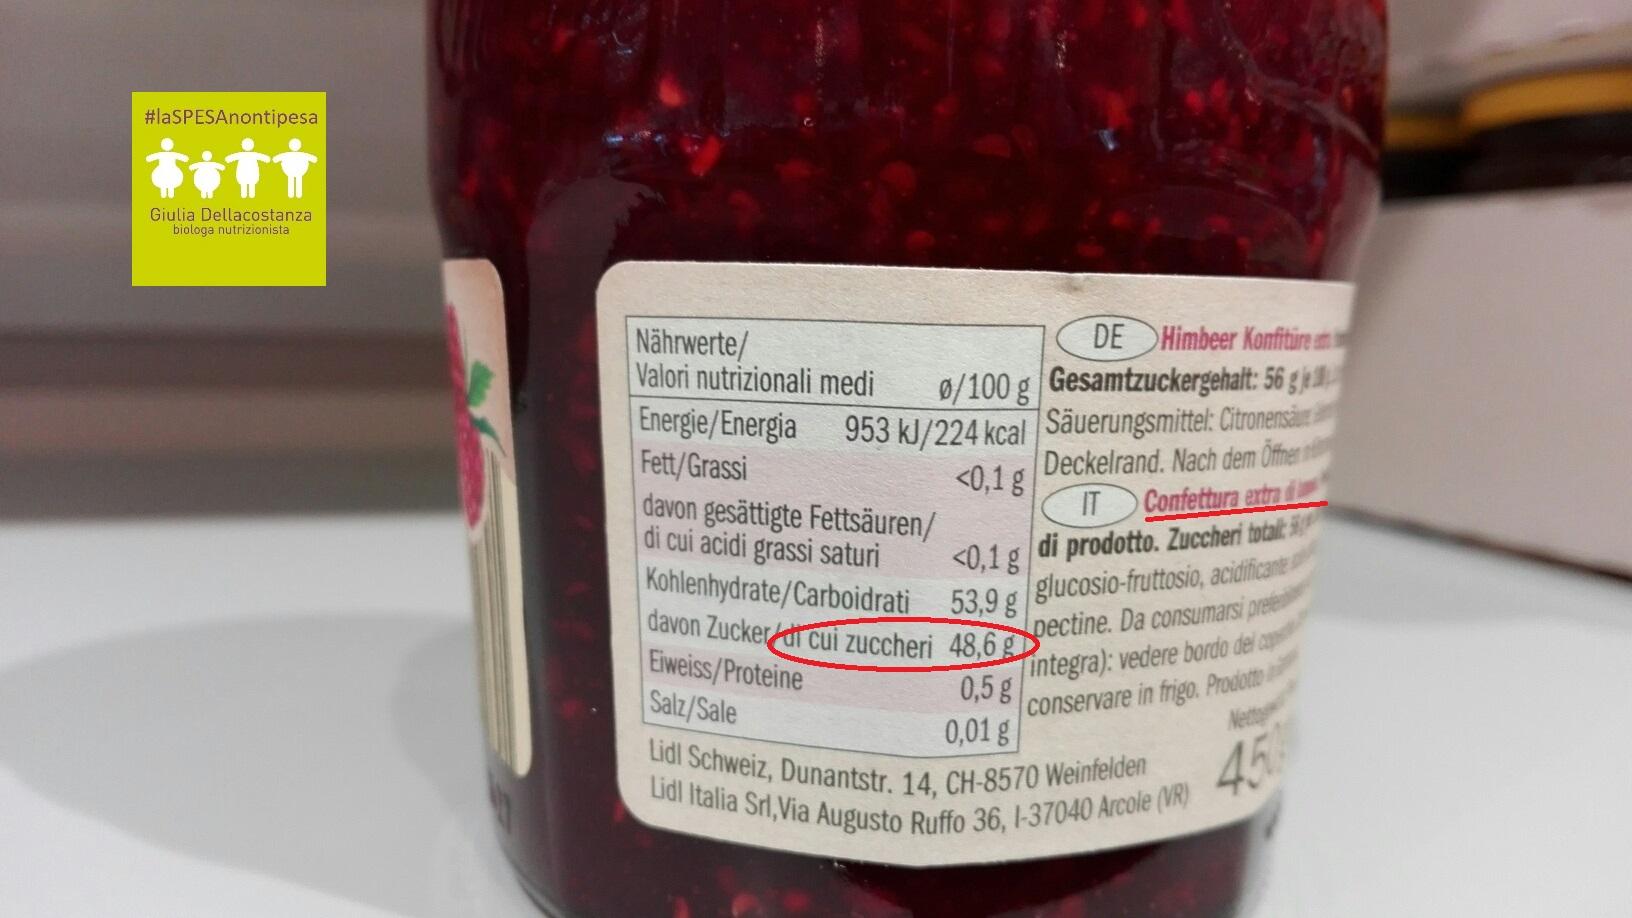 Etichetta confettura di lamponi per una giusta colazione.